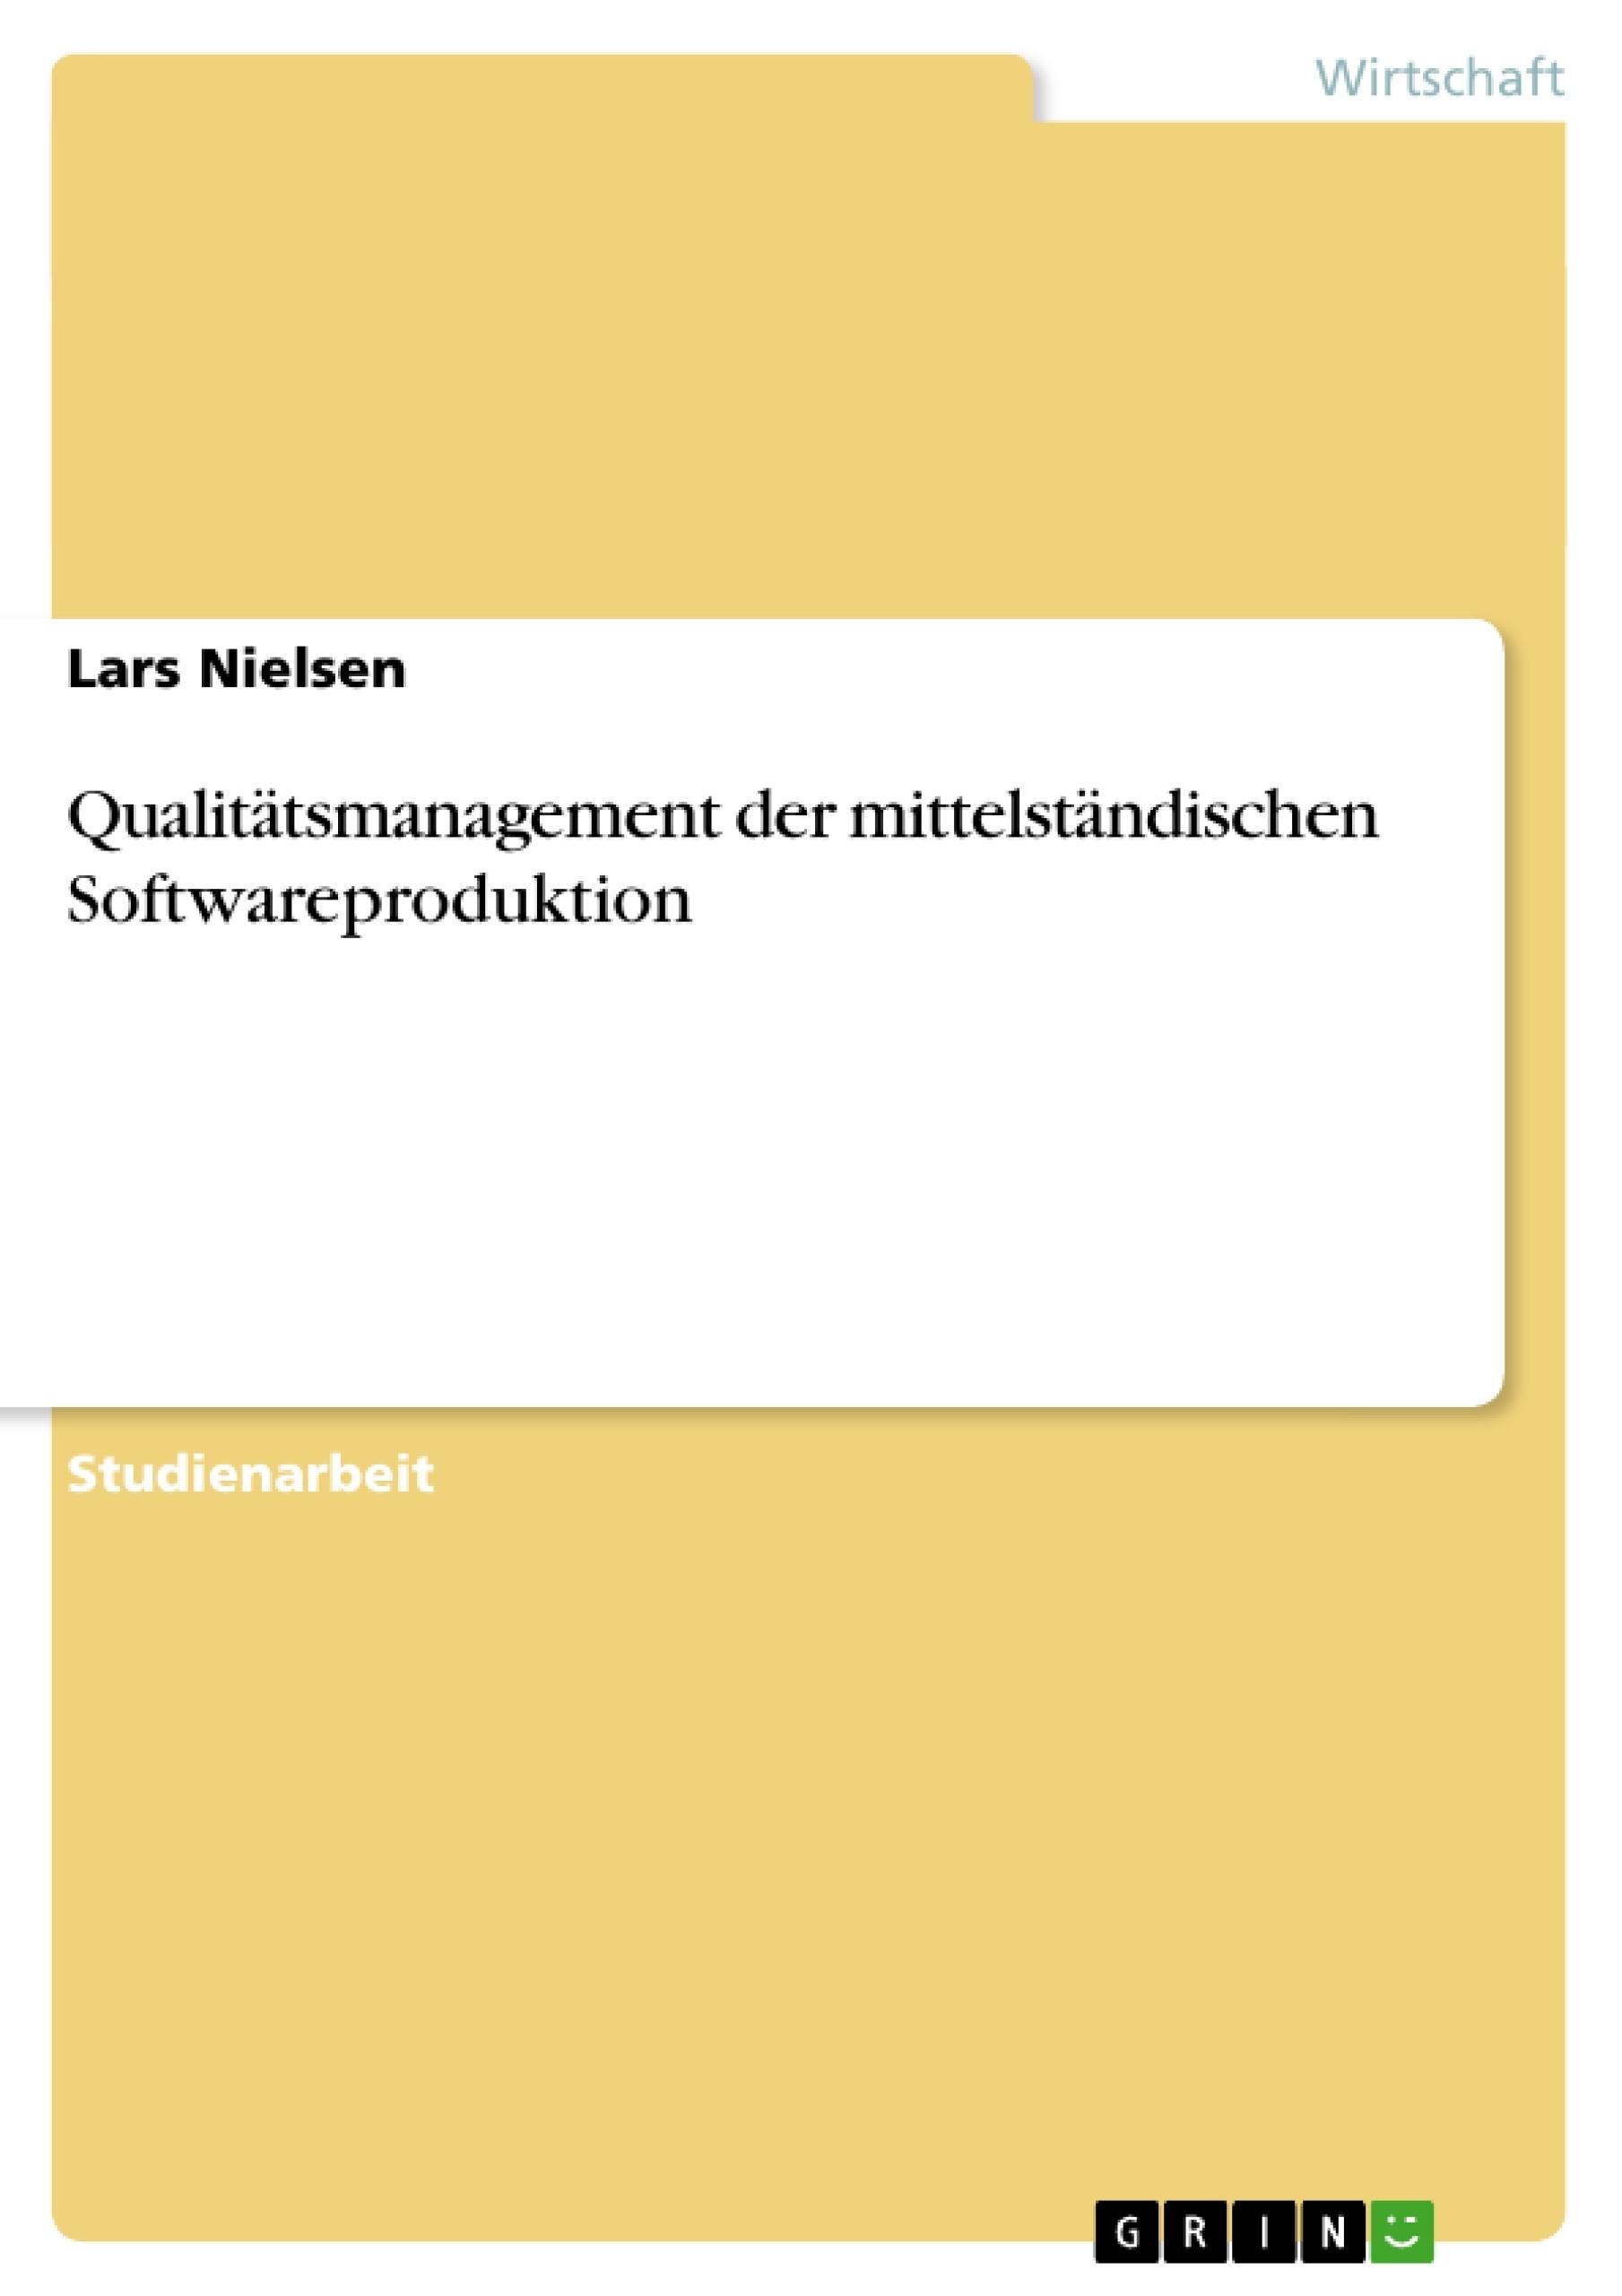 Titel: Qualitätsmanagement der mittelständischen Softwareproduktion